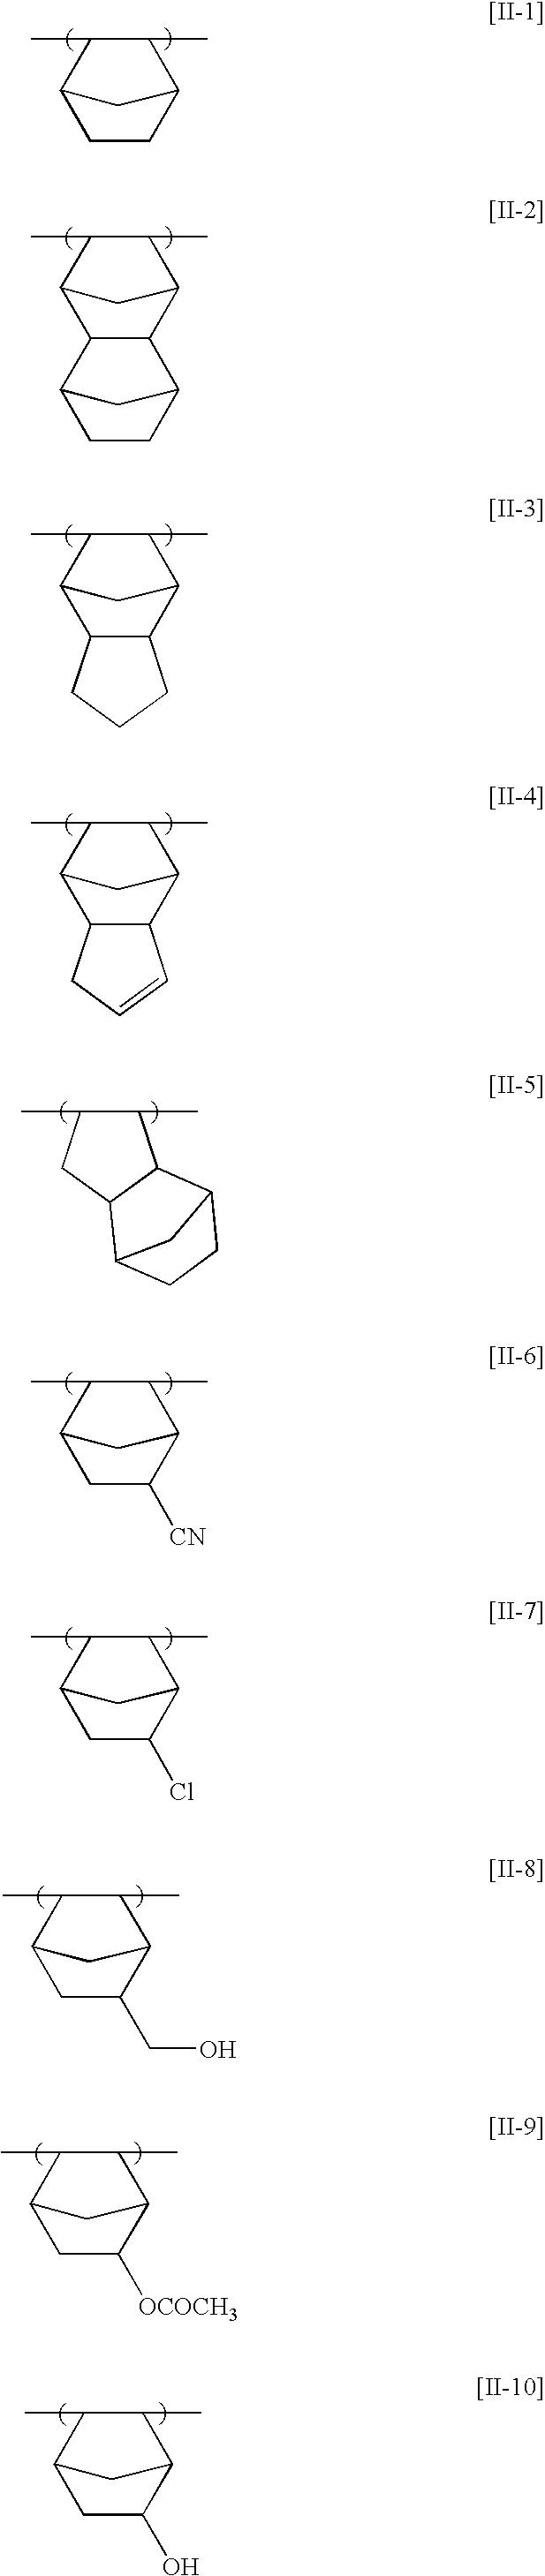 Figure US07960087-20110614-C00018